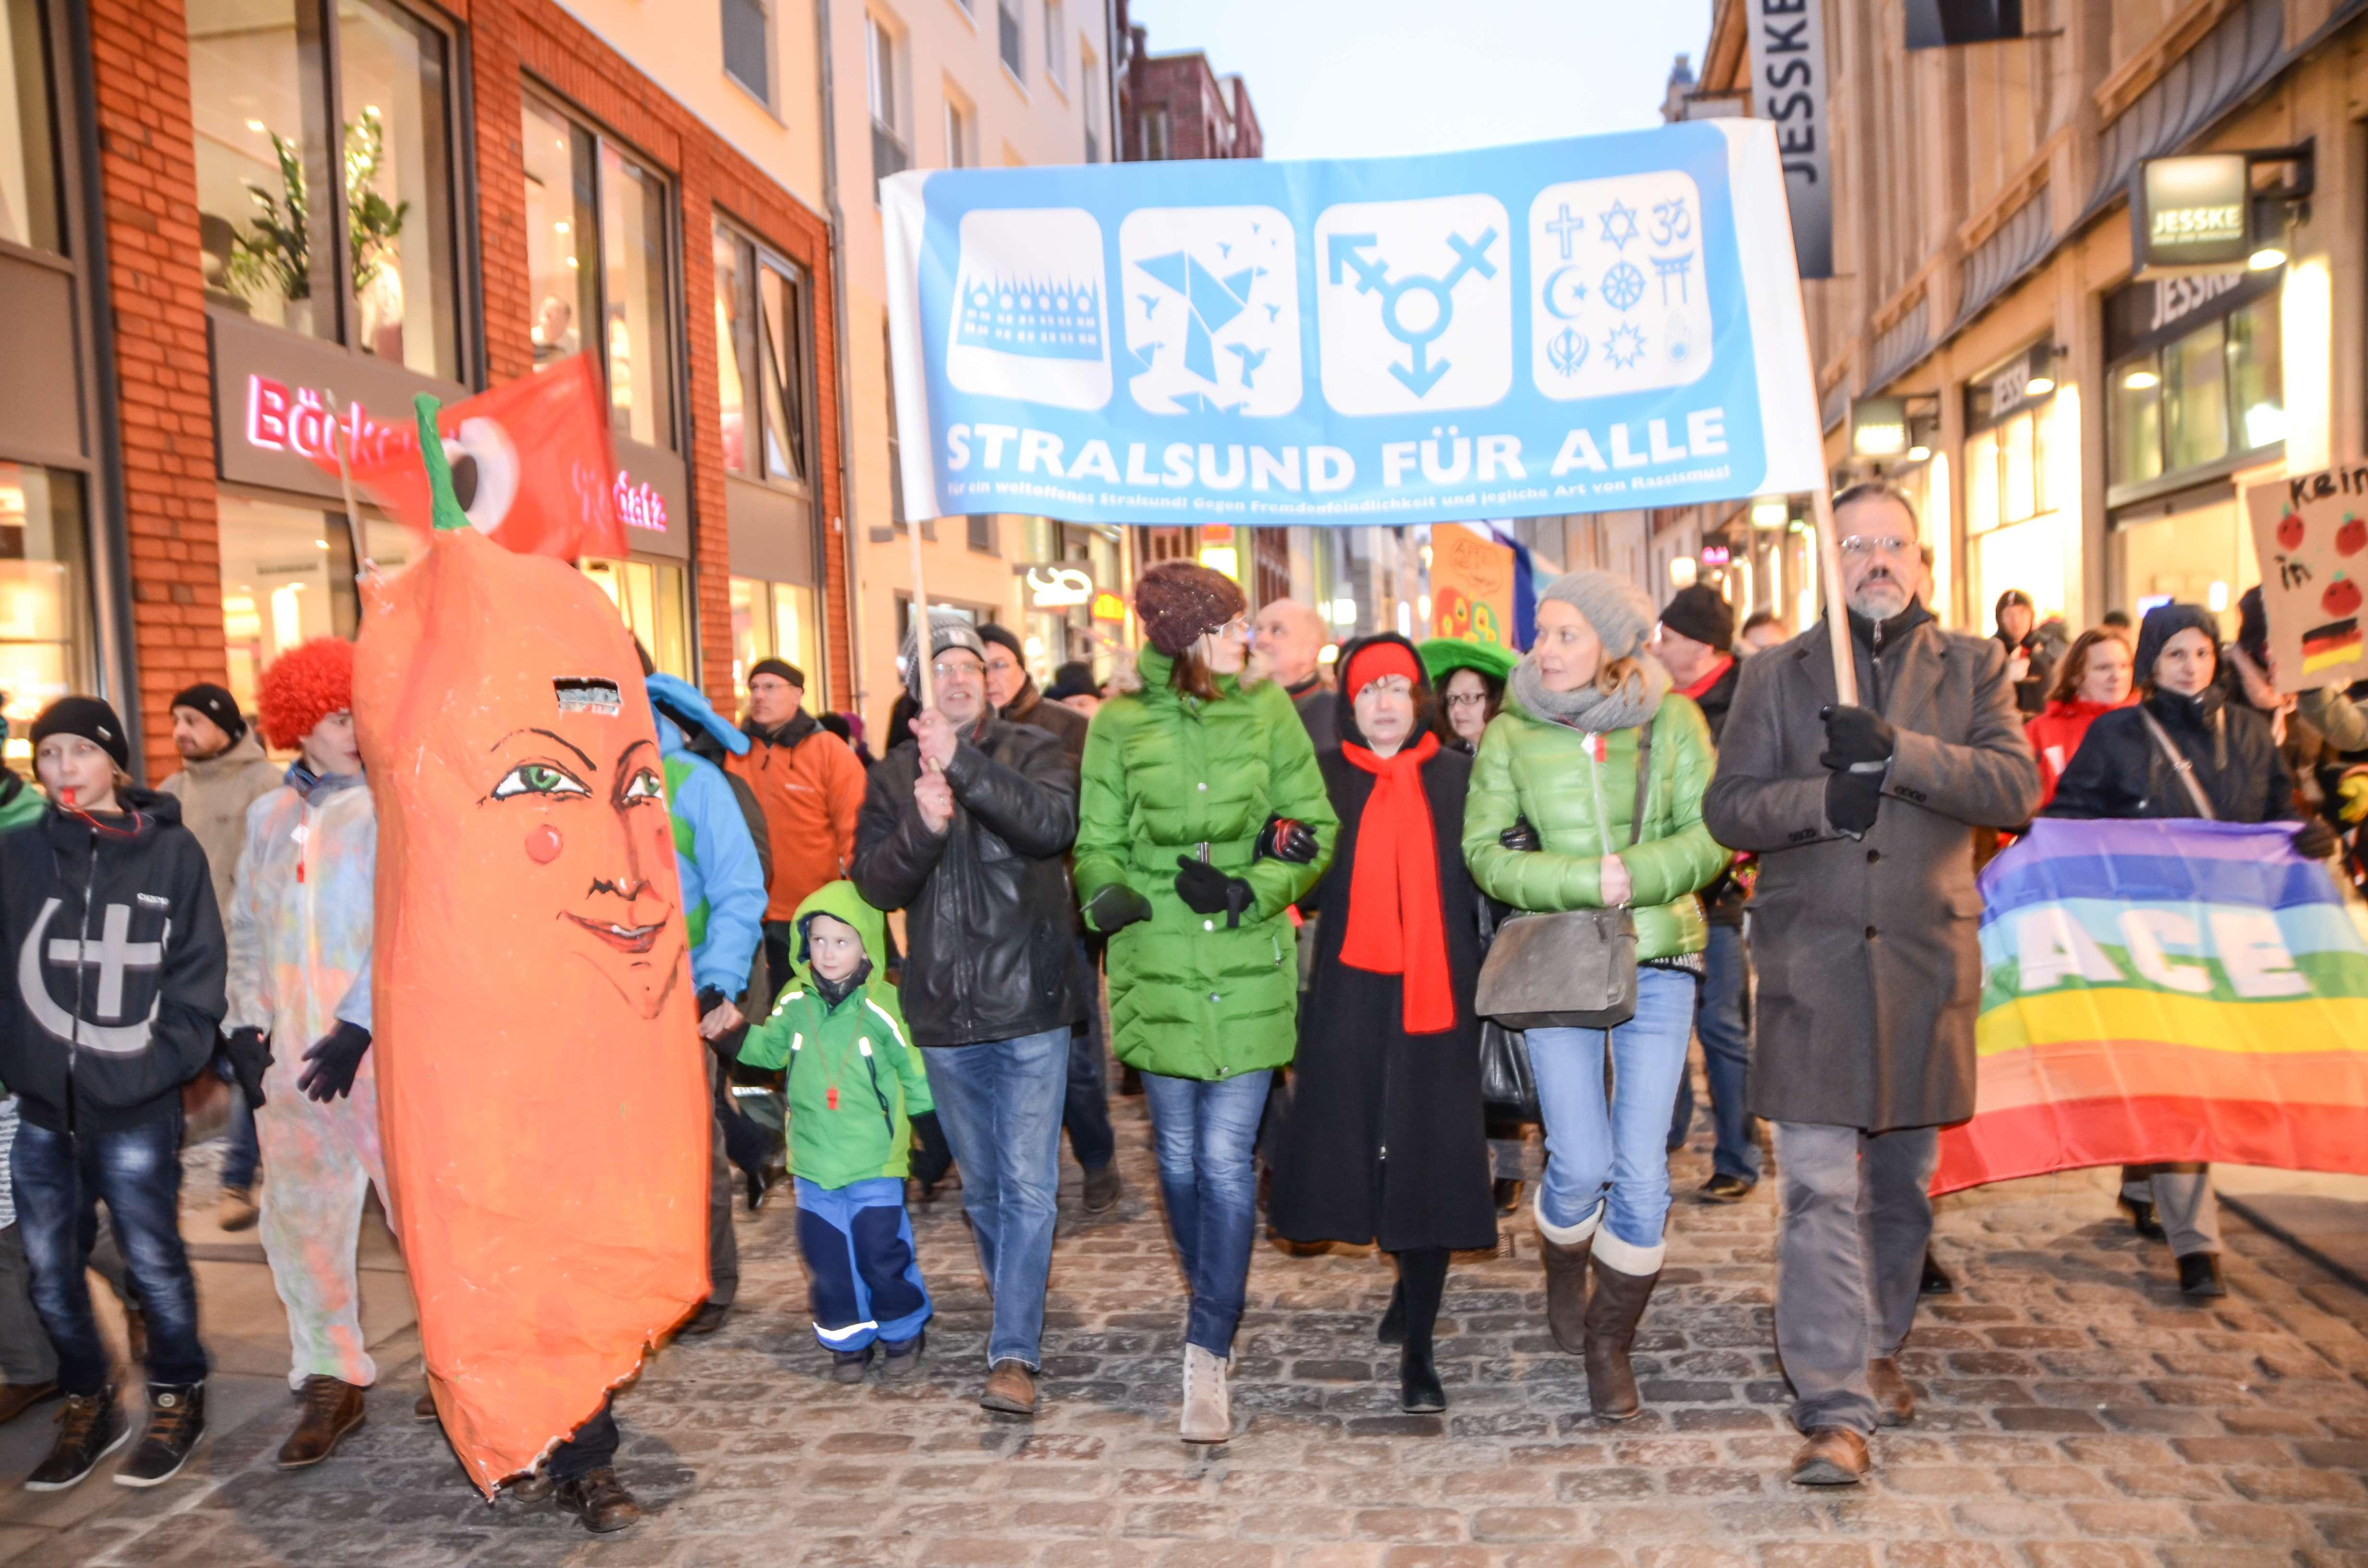 Stralsund – kreativ, bunt und weltoffen 16.02.15